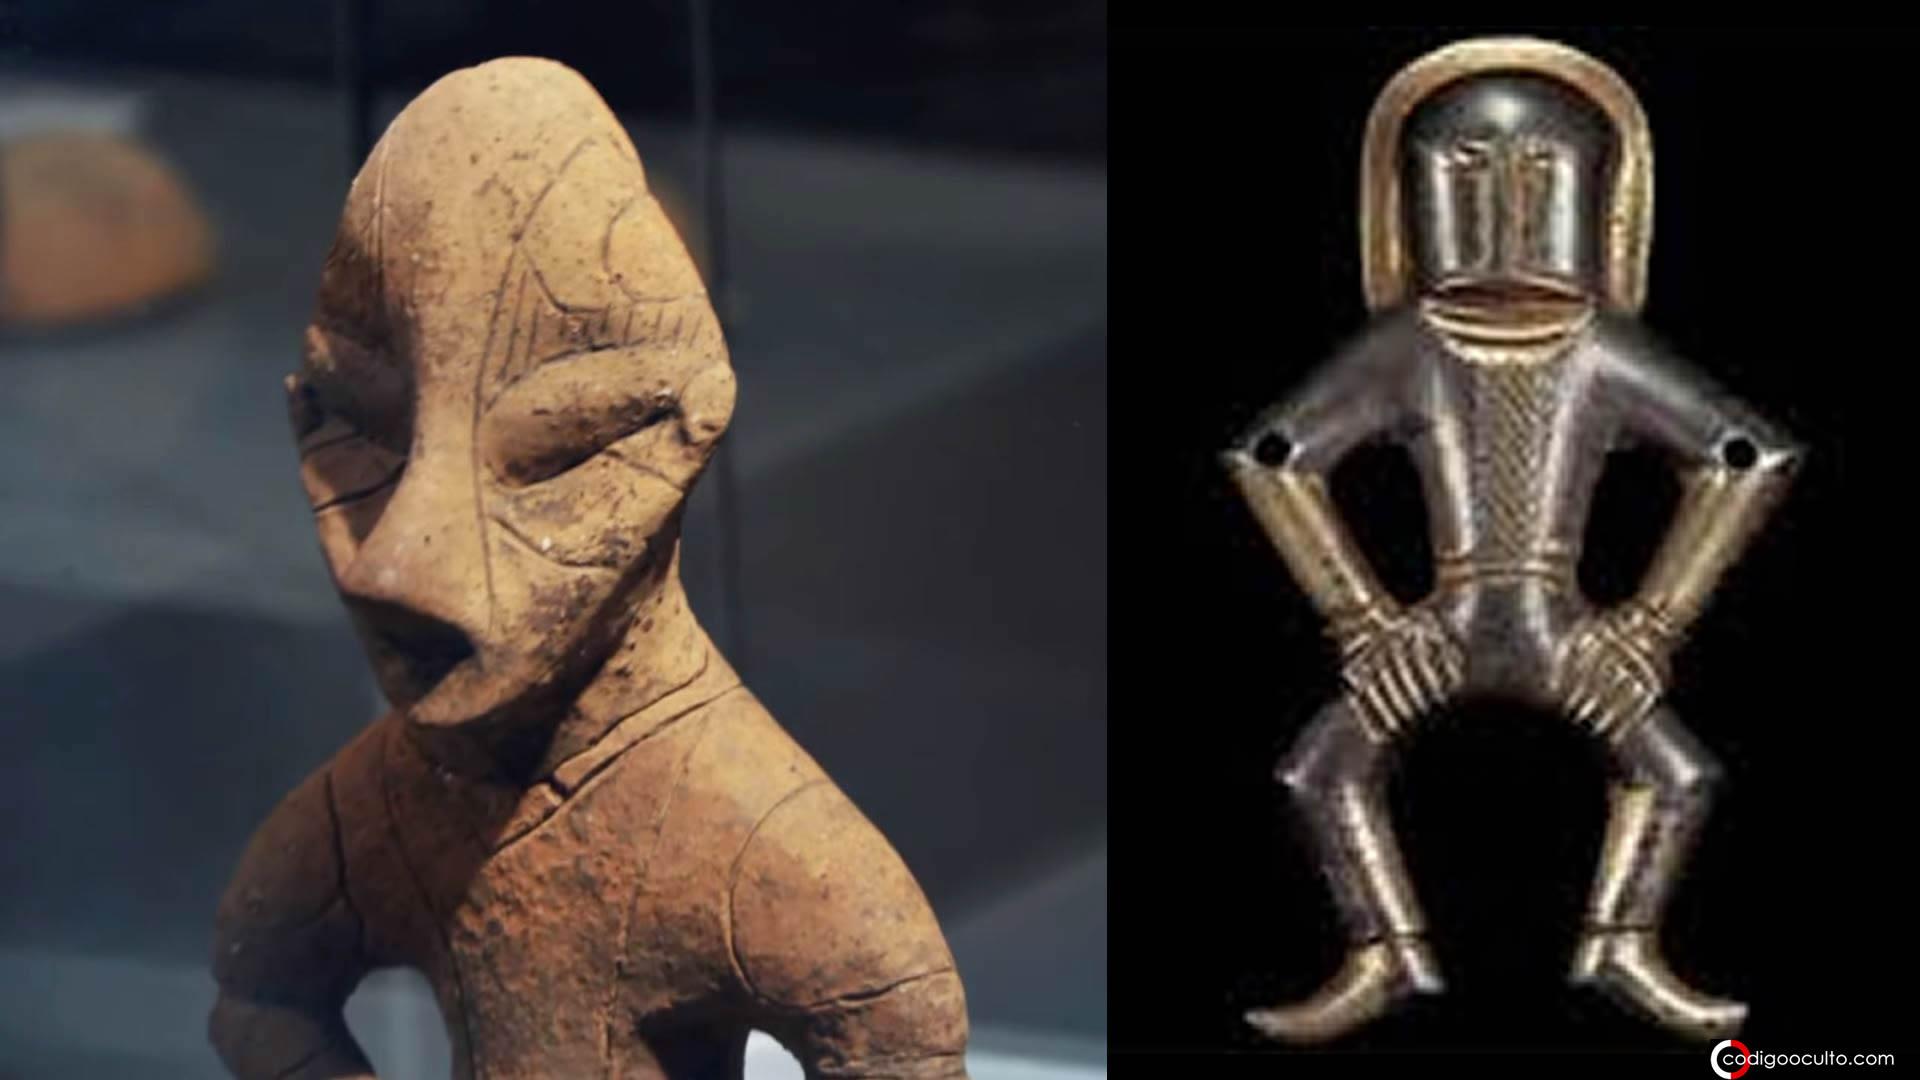 Legado alienígena: misteriosas esculturas antiguas en todo el mundo (VÍDEO)